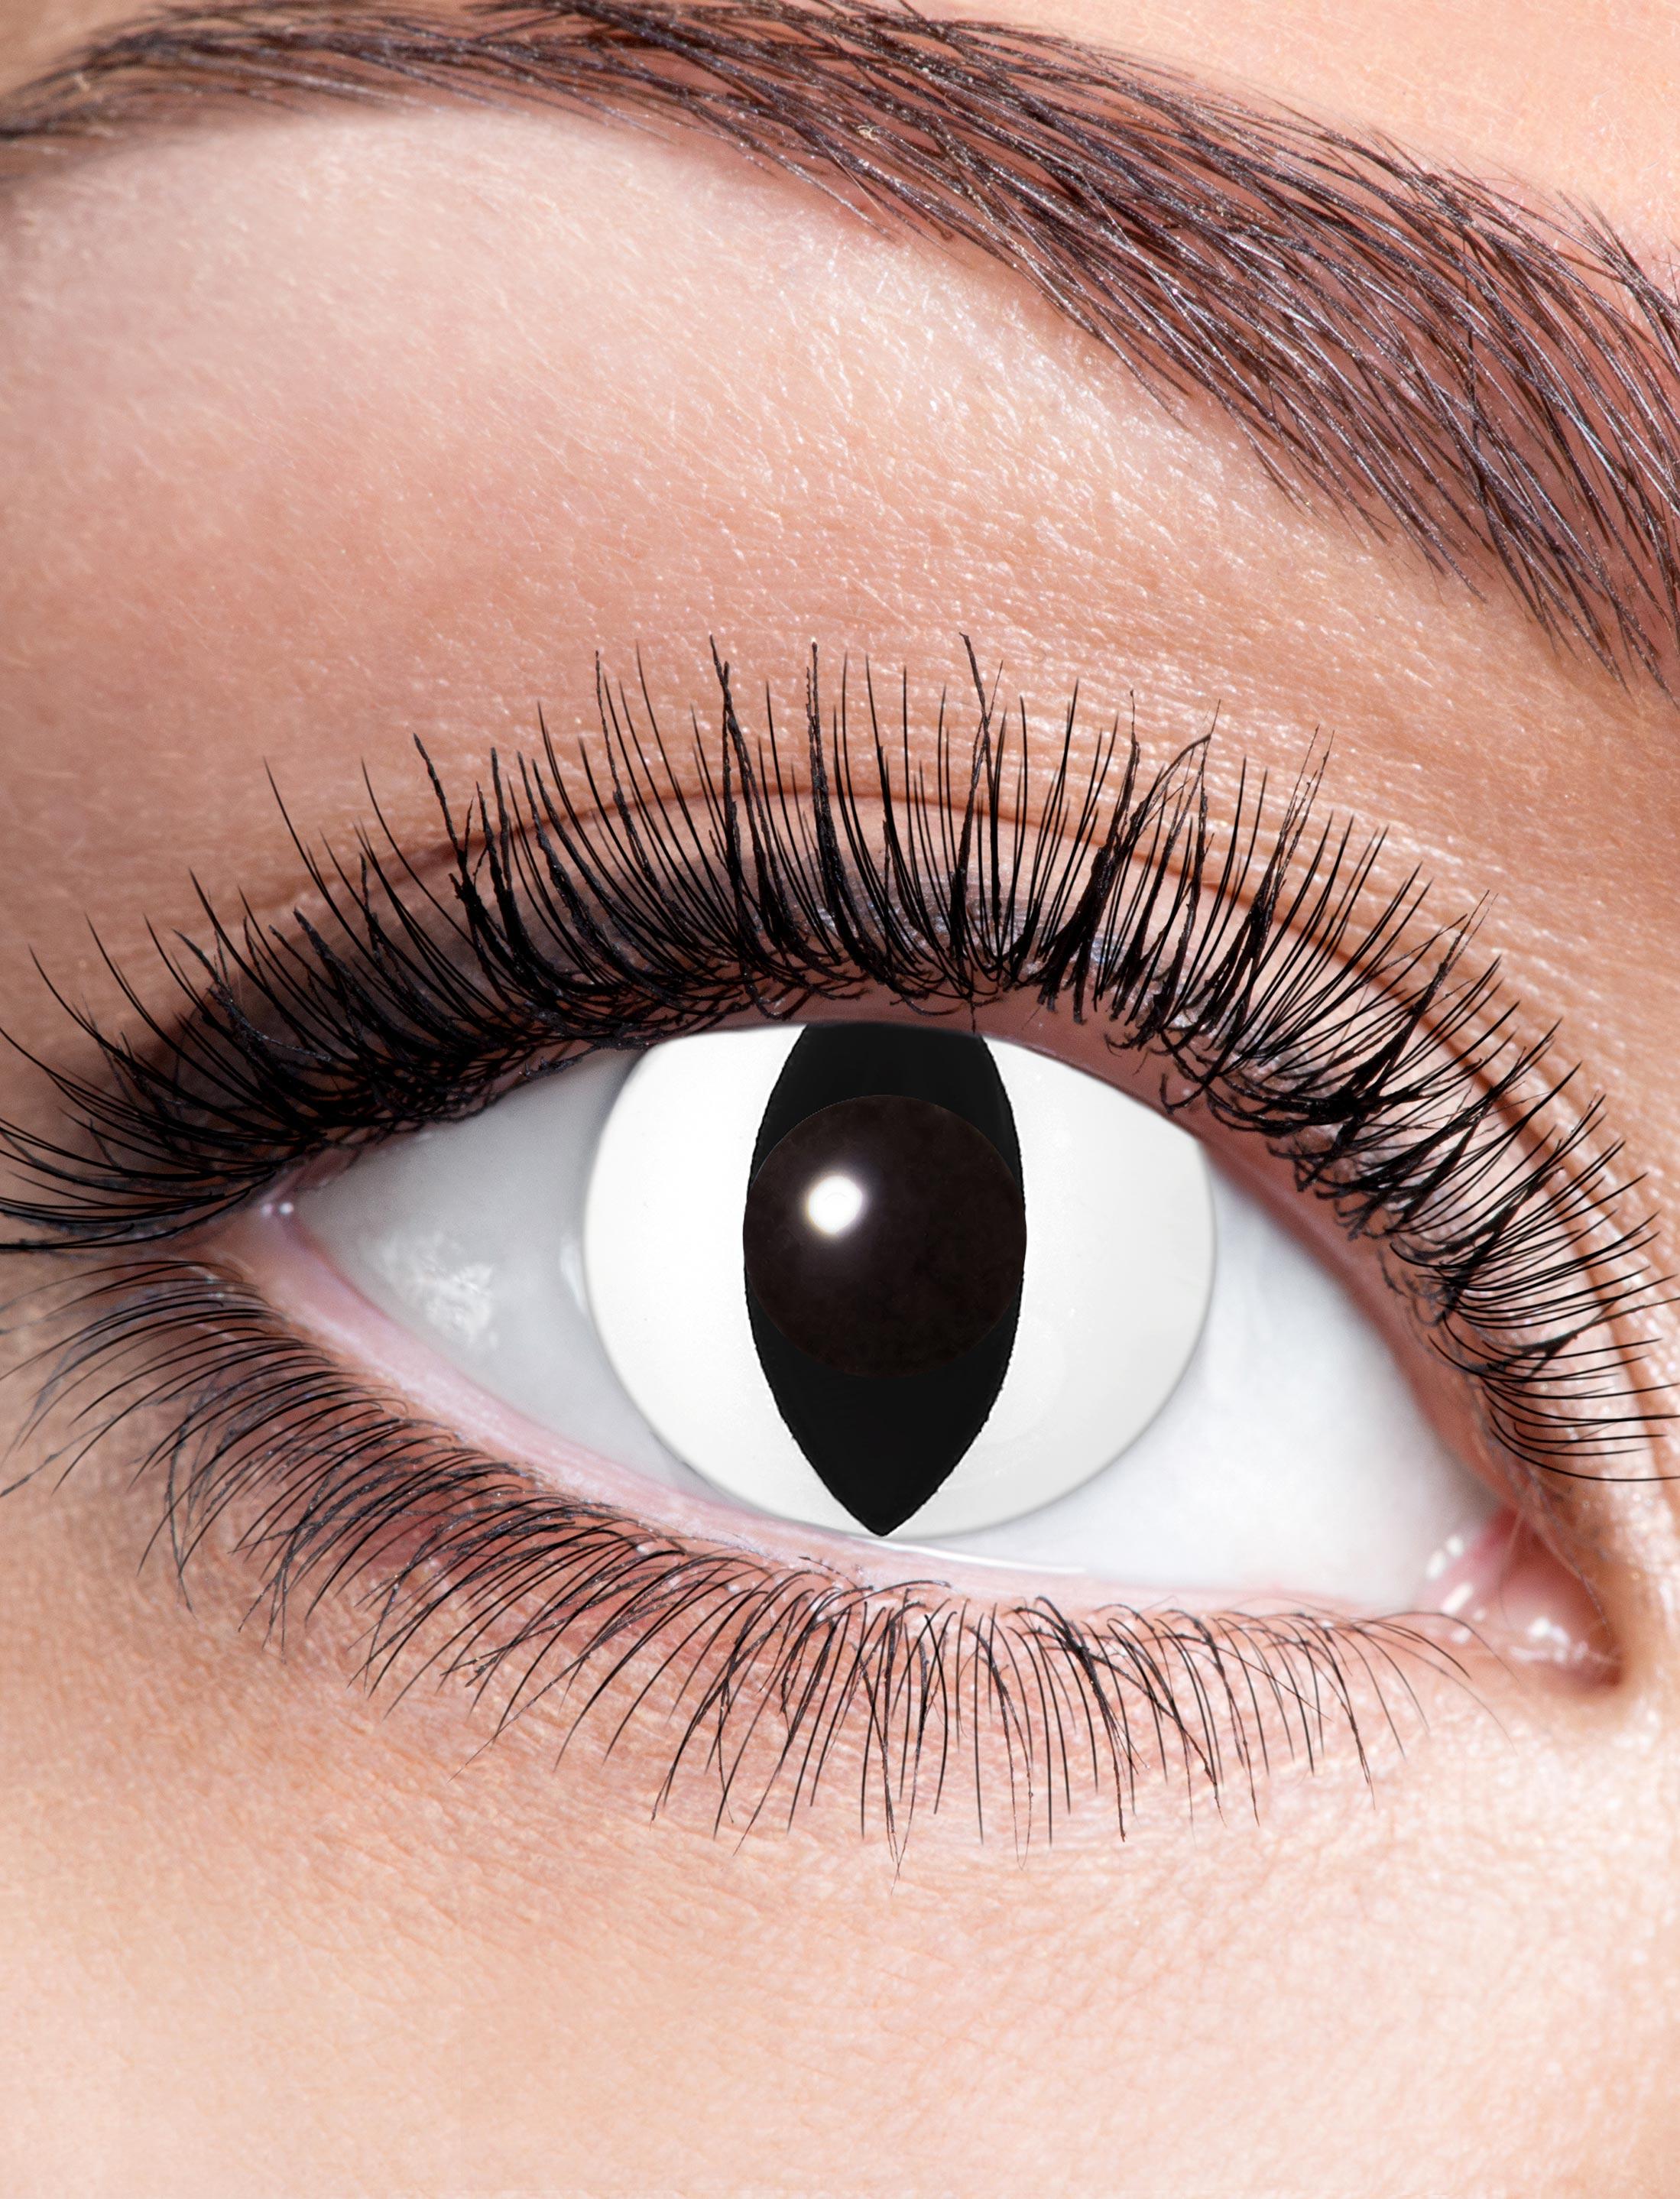 Kostuemzubehor Kontaktlinsen Black Cat Farbe: weiss